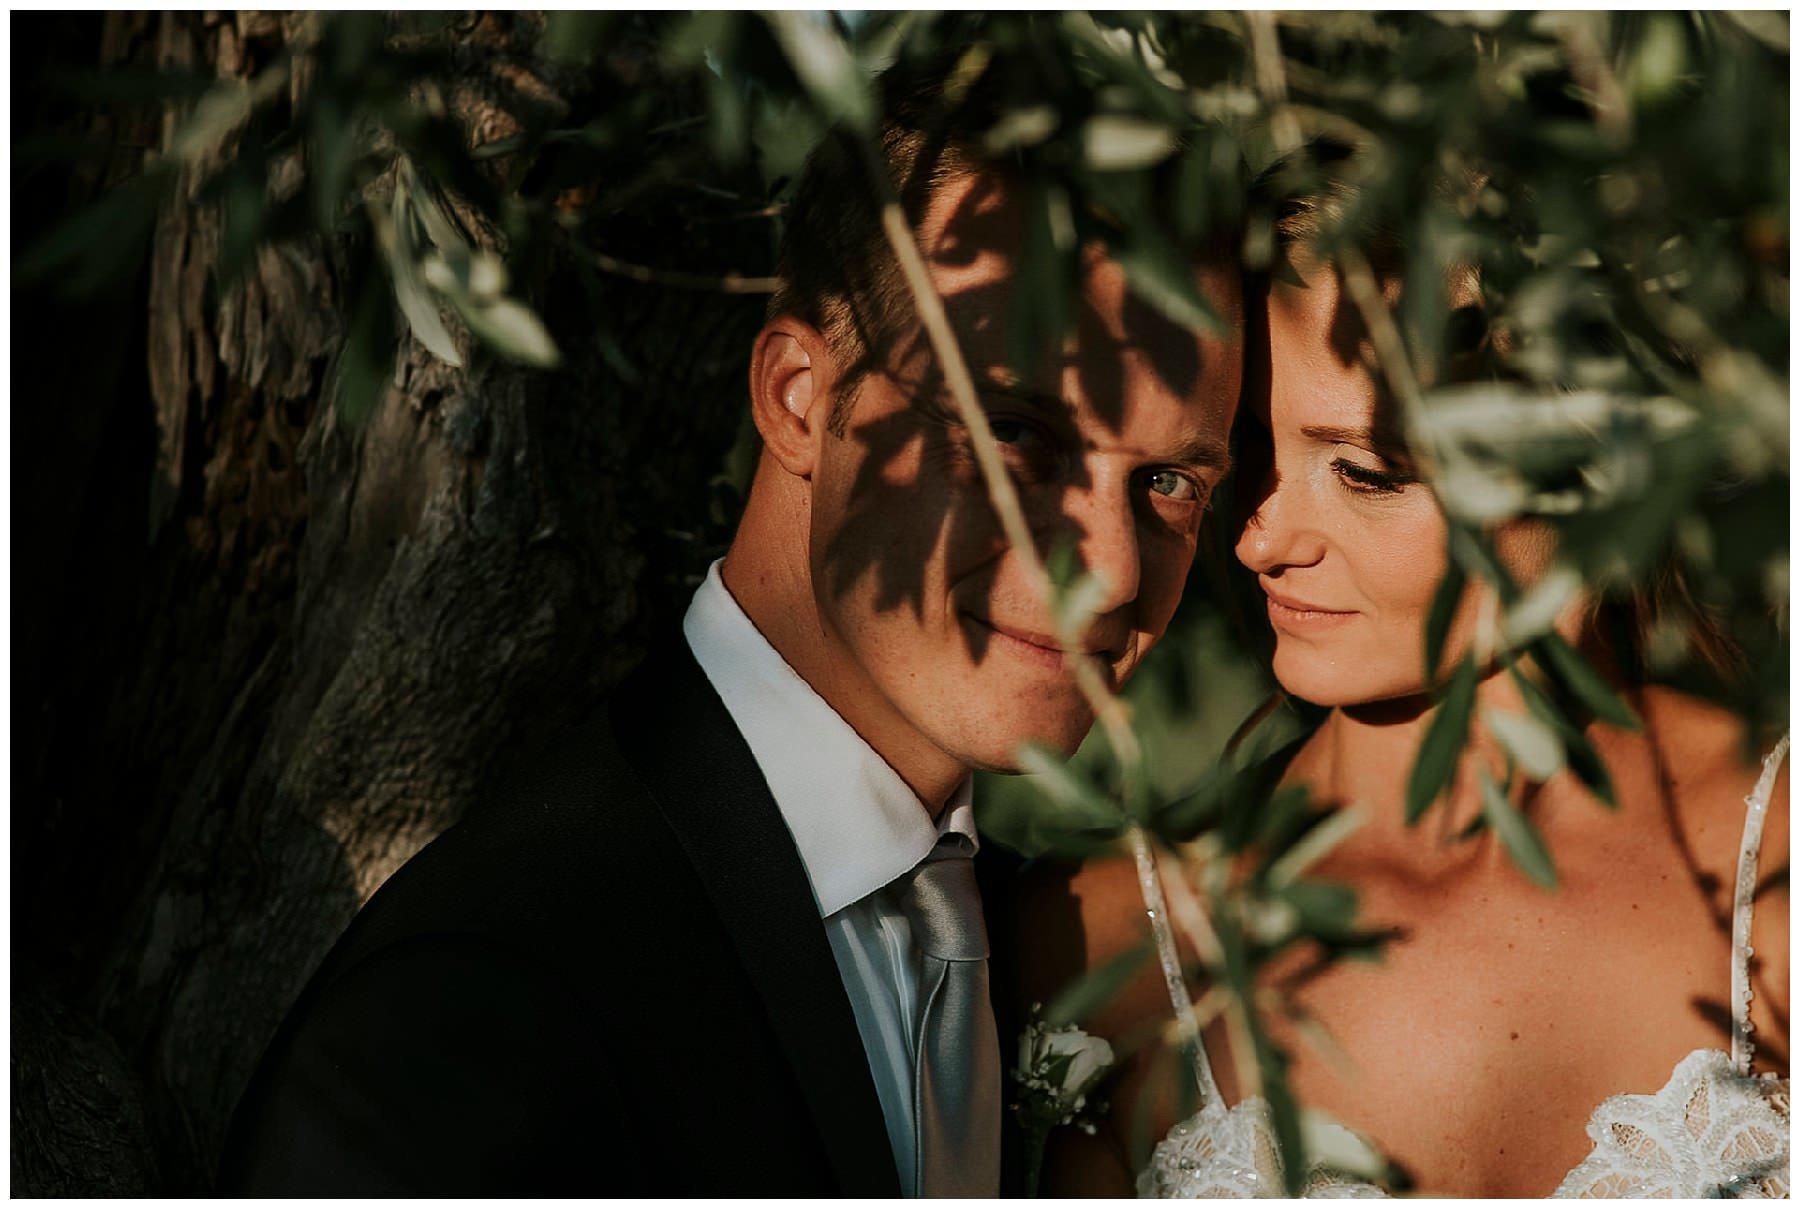 matrimonio pietra fritta foggia